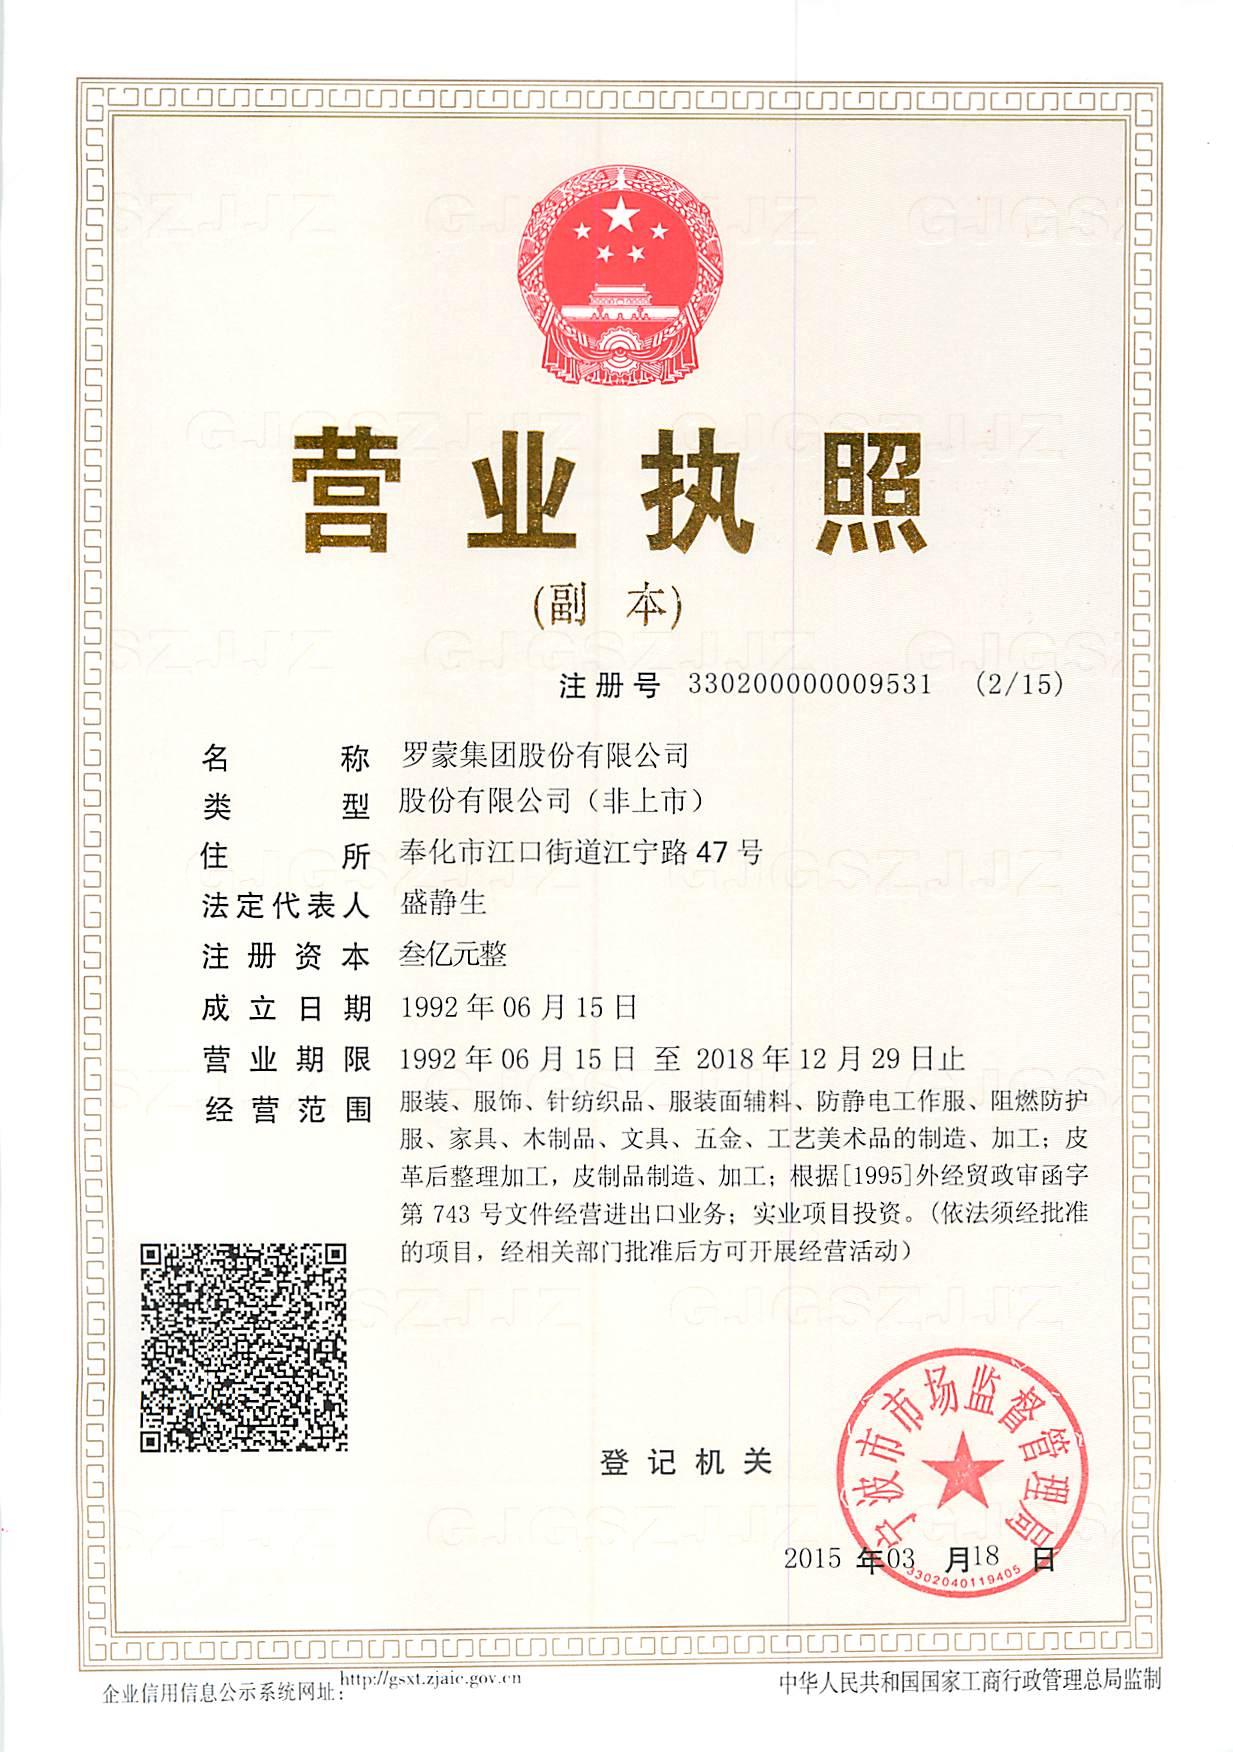 羅蒙集團股份有限公司企業檔案